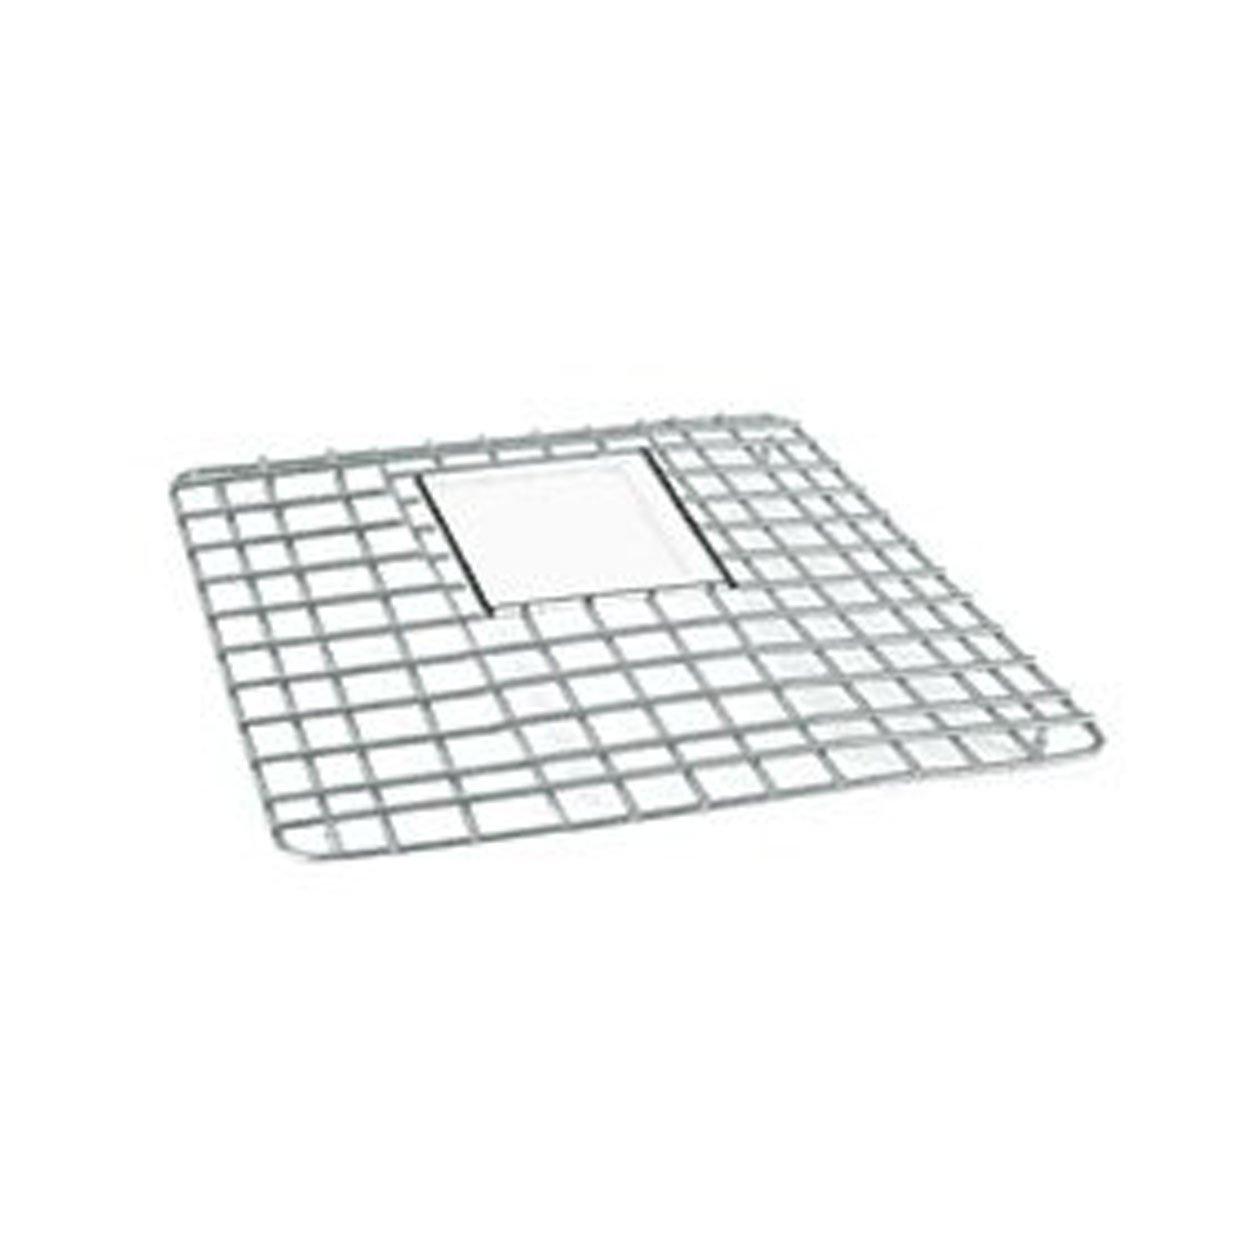 Franke Peak Stainless Steel Bottom Protection Grid for PKX11013 Sink